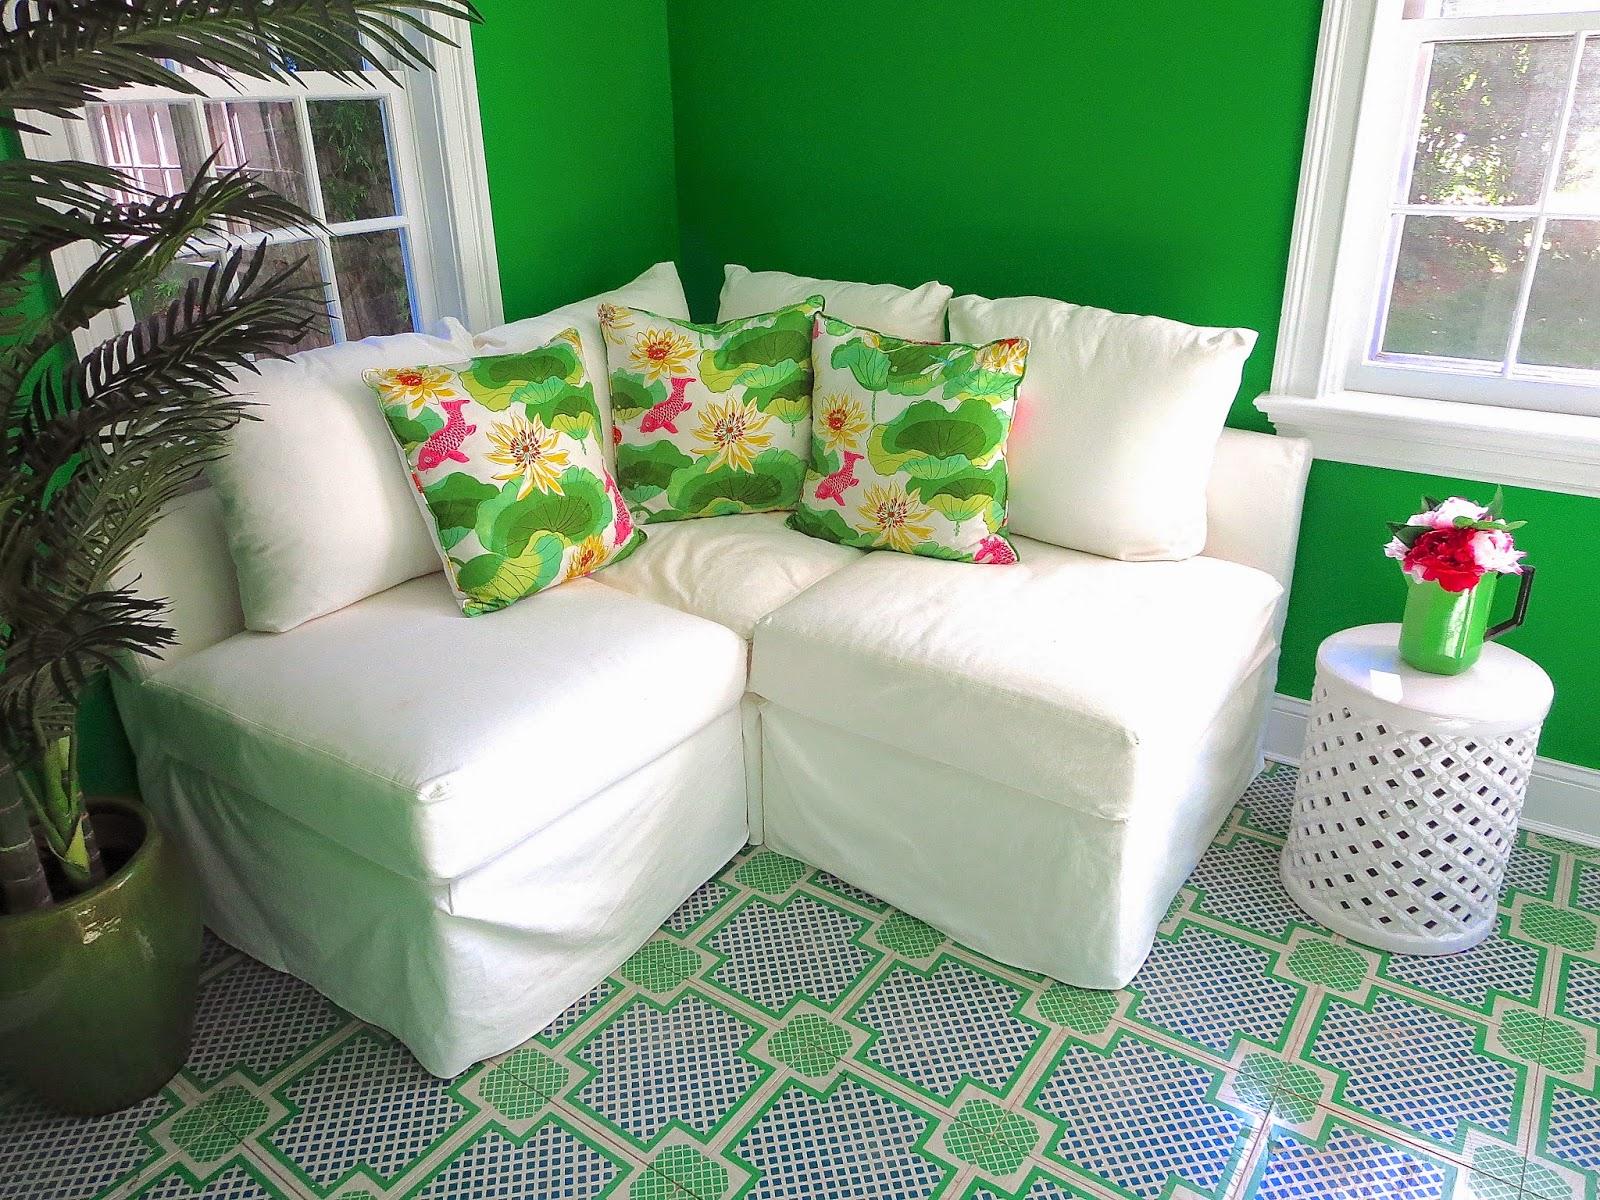 AM\'S PRETTY LITTLE GREEN ROOM - EAST HAMPTON DECOR   COCOCOZY